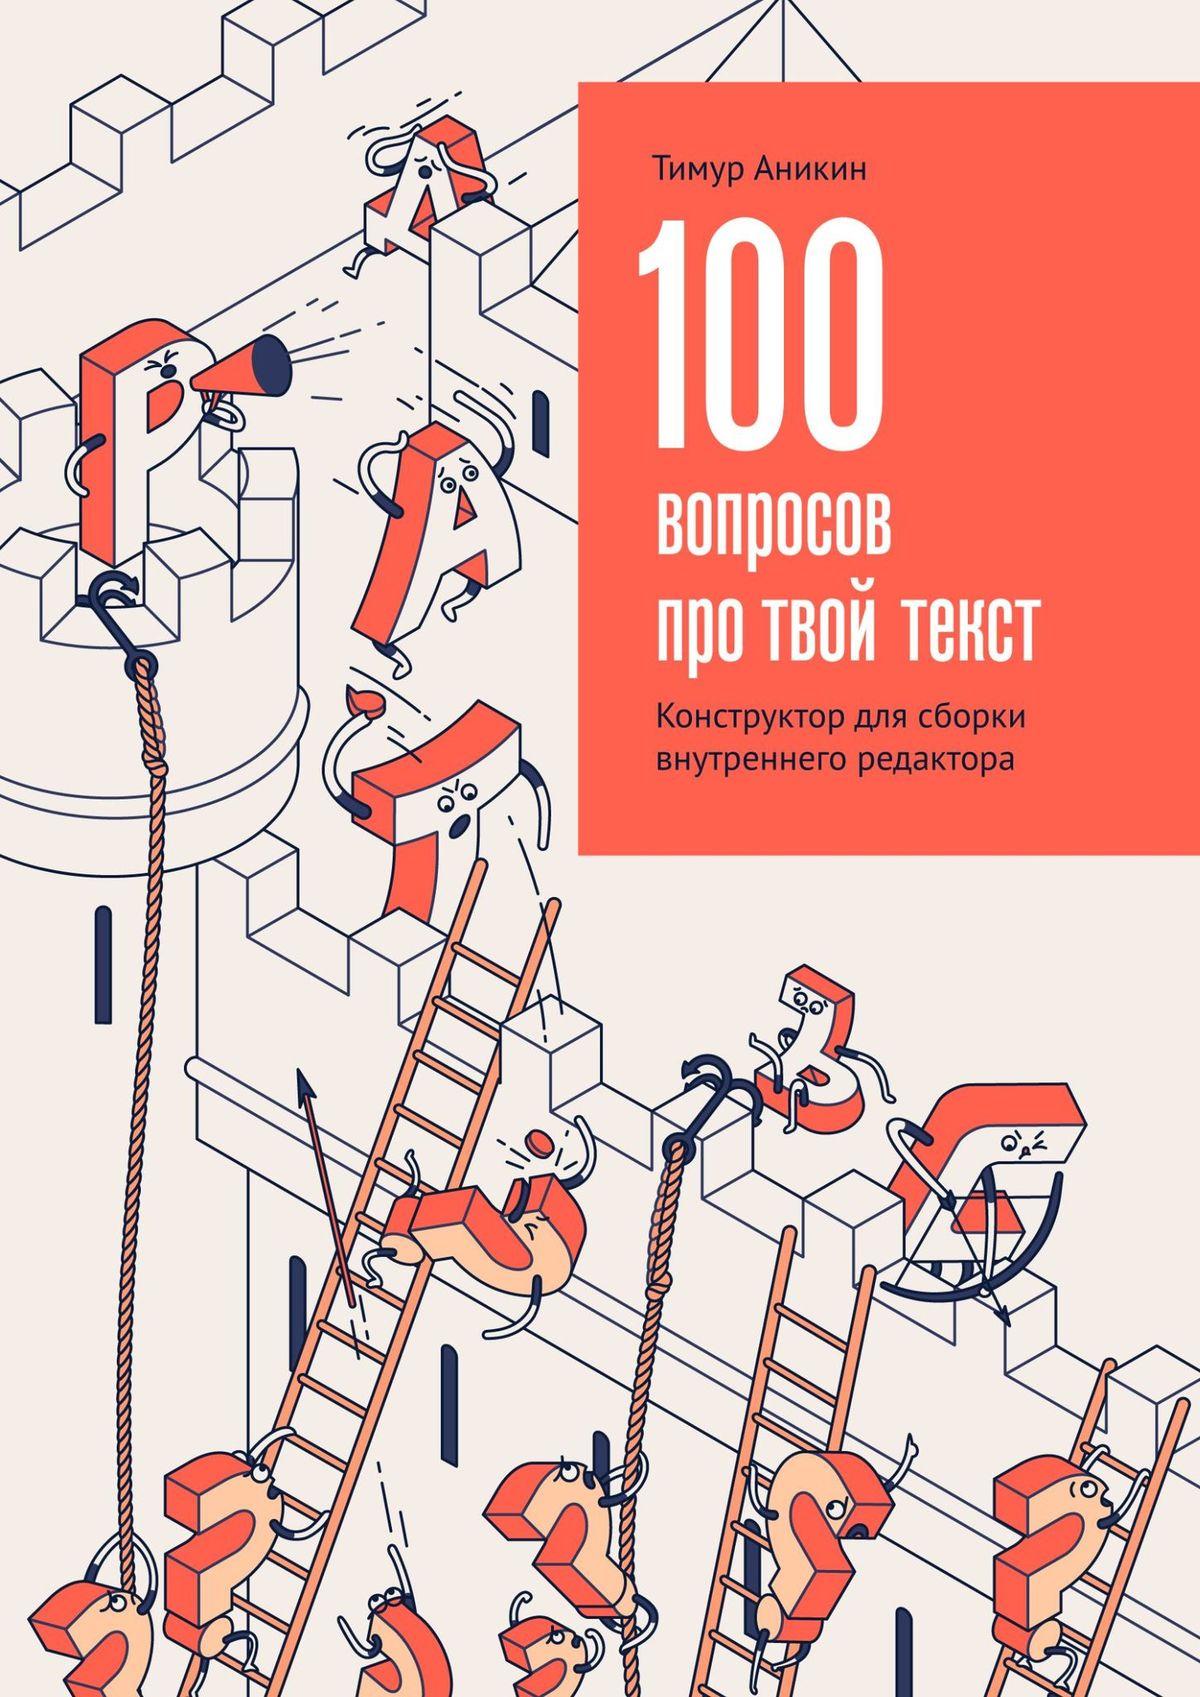 Тимур Аникин 100 вопросов про твой текст. Конструктор для сборки внутреннего редактора аникин т 100 вопросов про твой текст конструктор для сборки внутреннего редактора